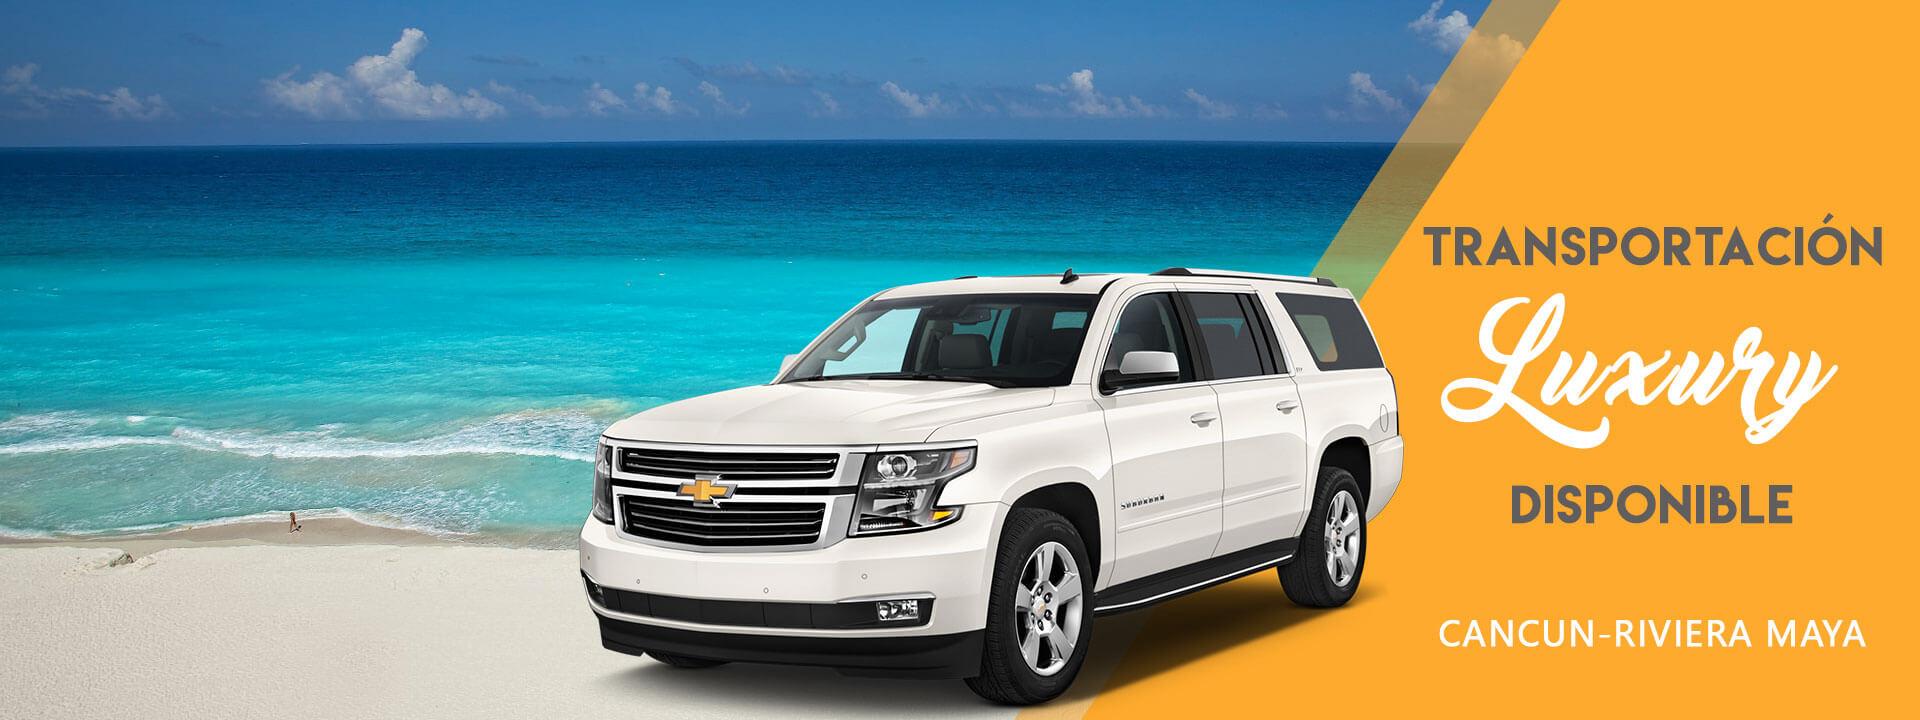 Transportación de Lujo en Cancún y la Riviera Maya